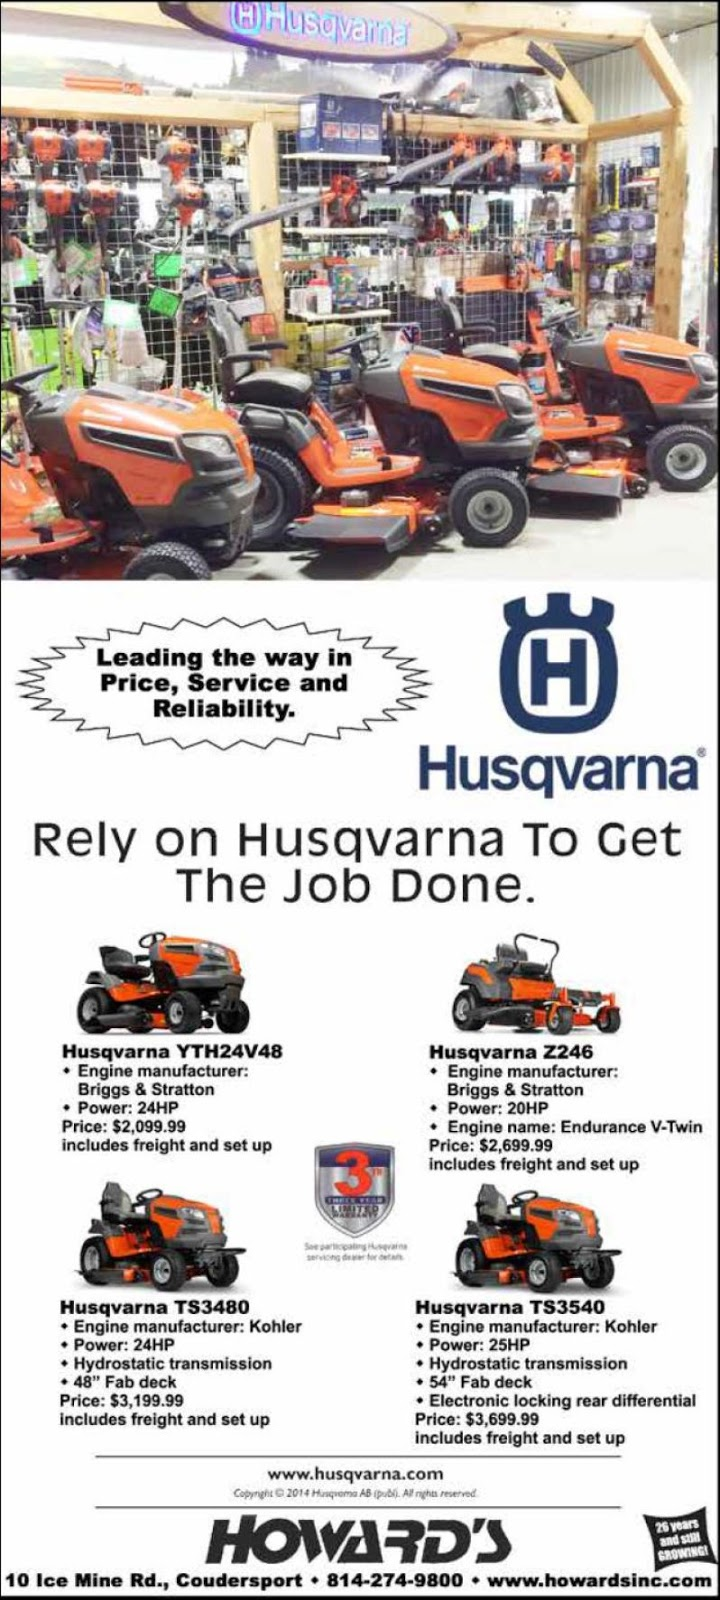 www.husqvarna.com